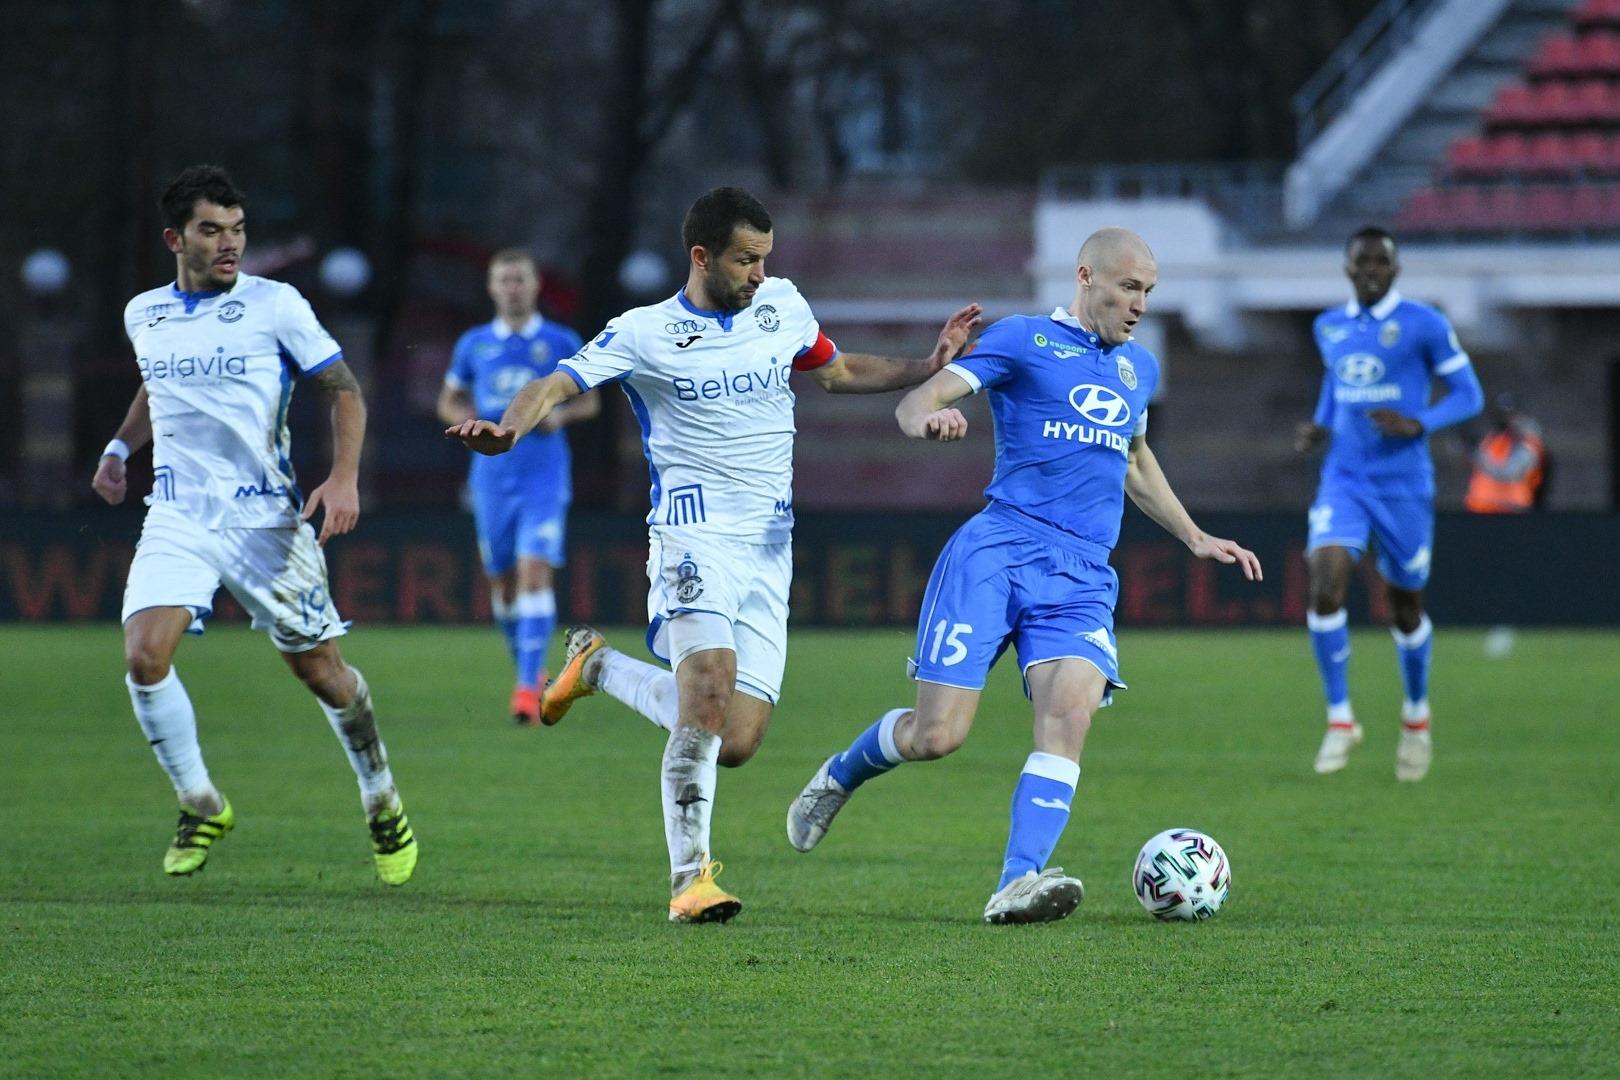 Nhận định bóng đá Isloch vs Slavia Mozyr 18/04/2020-1